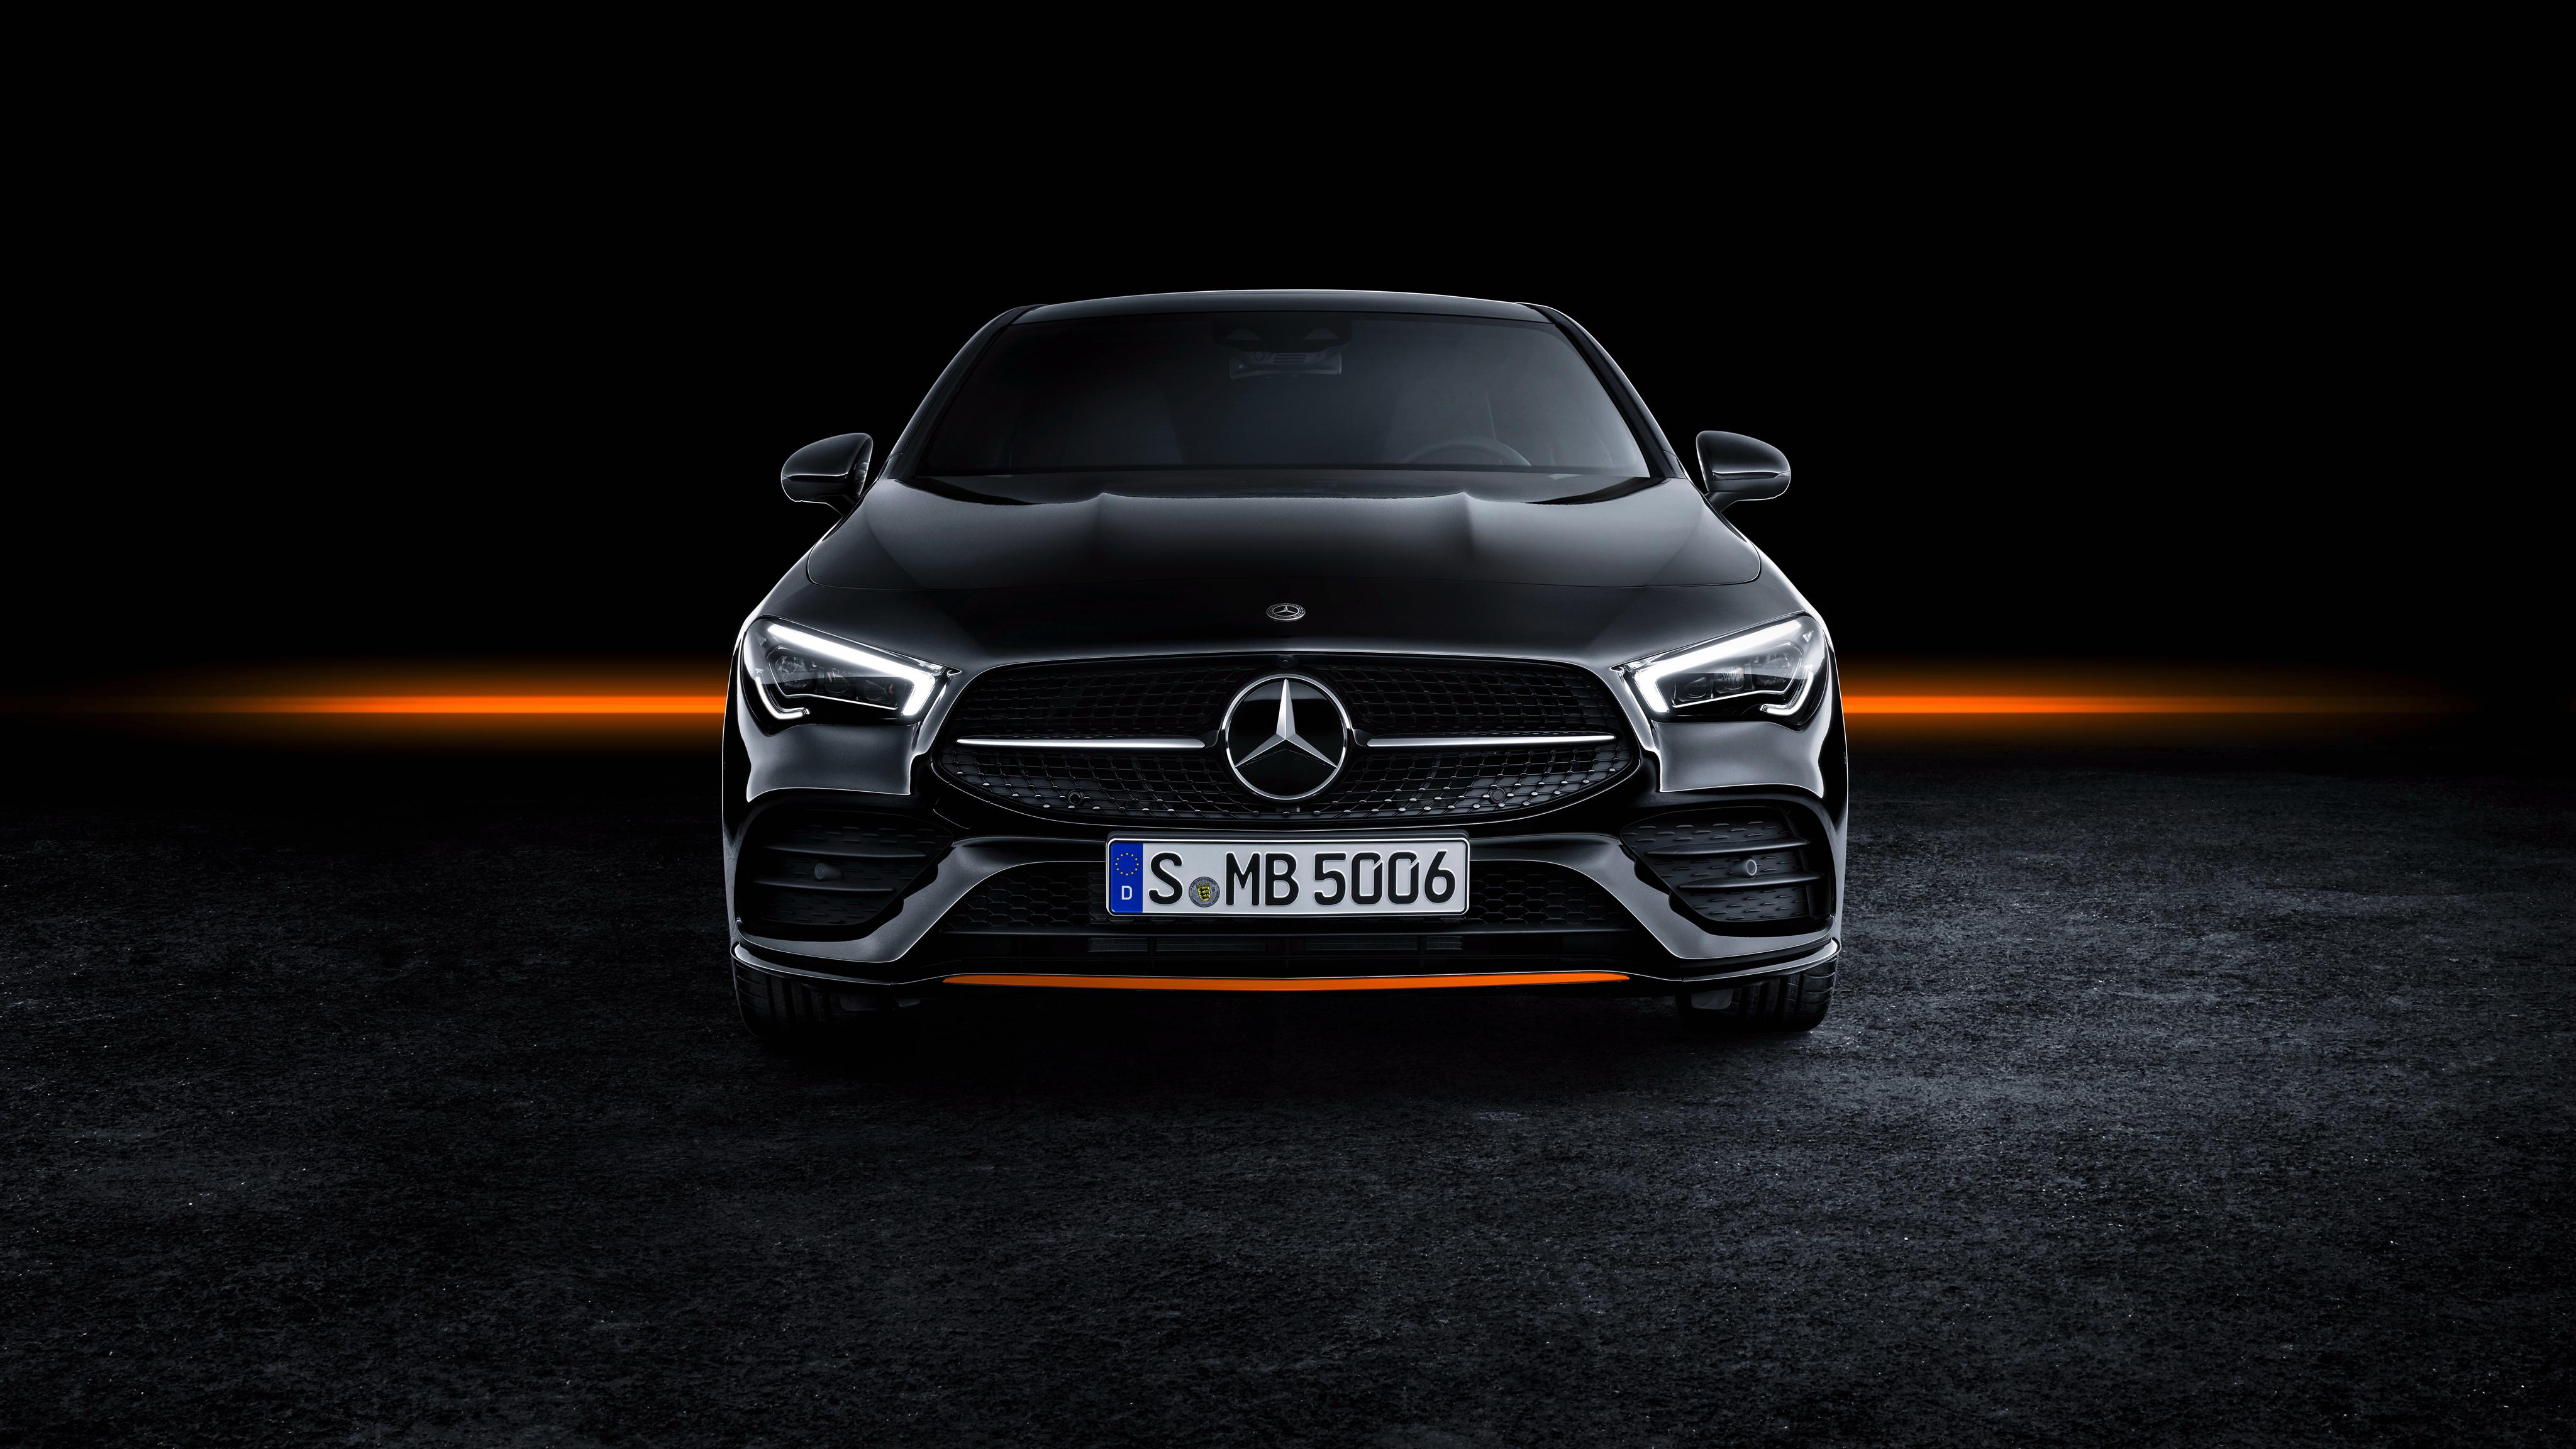 Mercedes Benz CLA 250 AMG Line Edition Orange Art 2019 4K 2 4096x2304